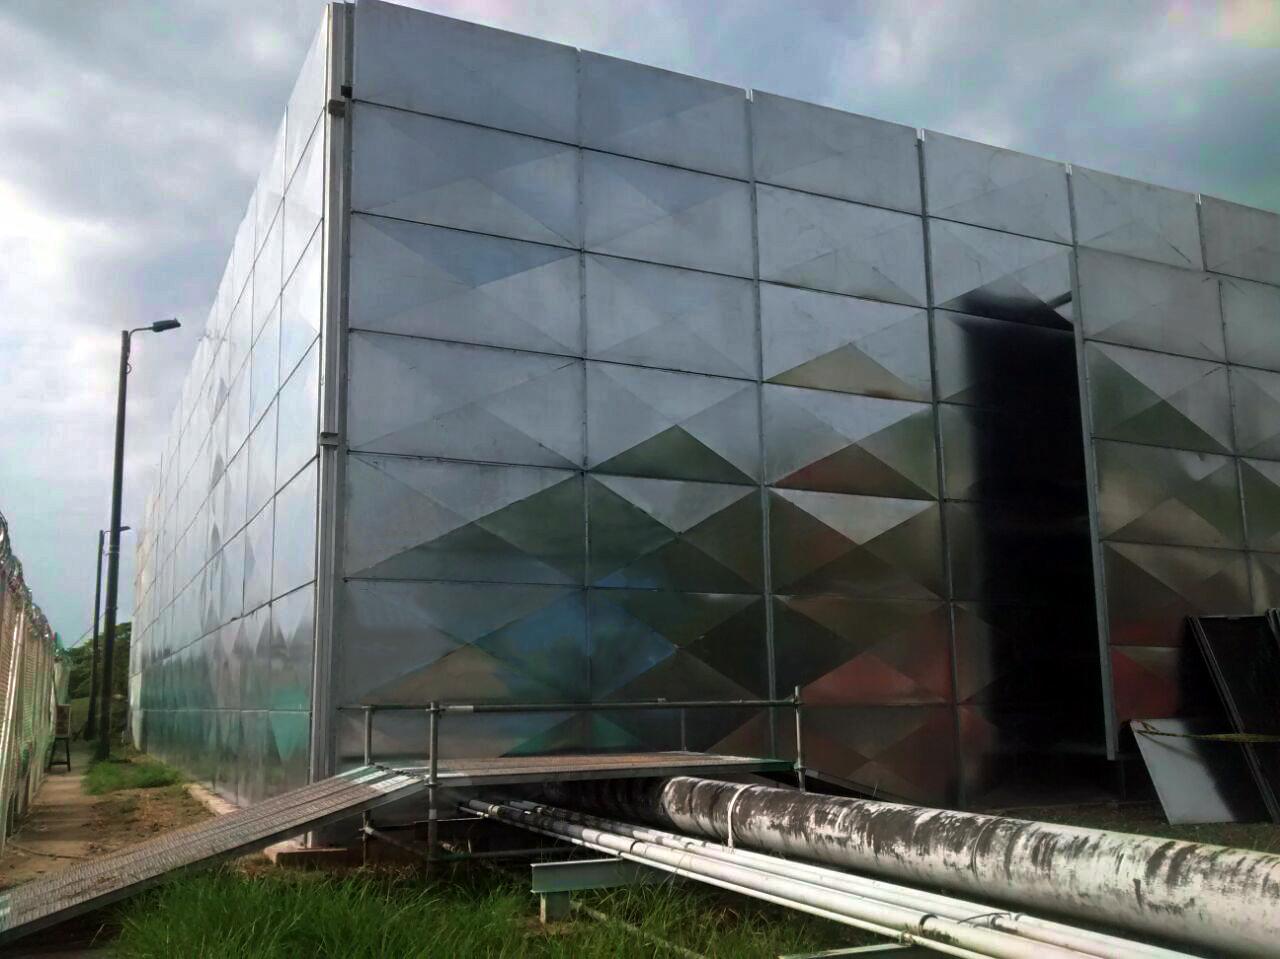 Ampliación de sistemas de insonorización para ECG Vasconia. Alcance : Estudios, diseños, fabricación e instalación de 870 m2 de pantalla acústica. Duración : 5 meses.